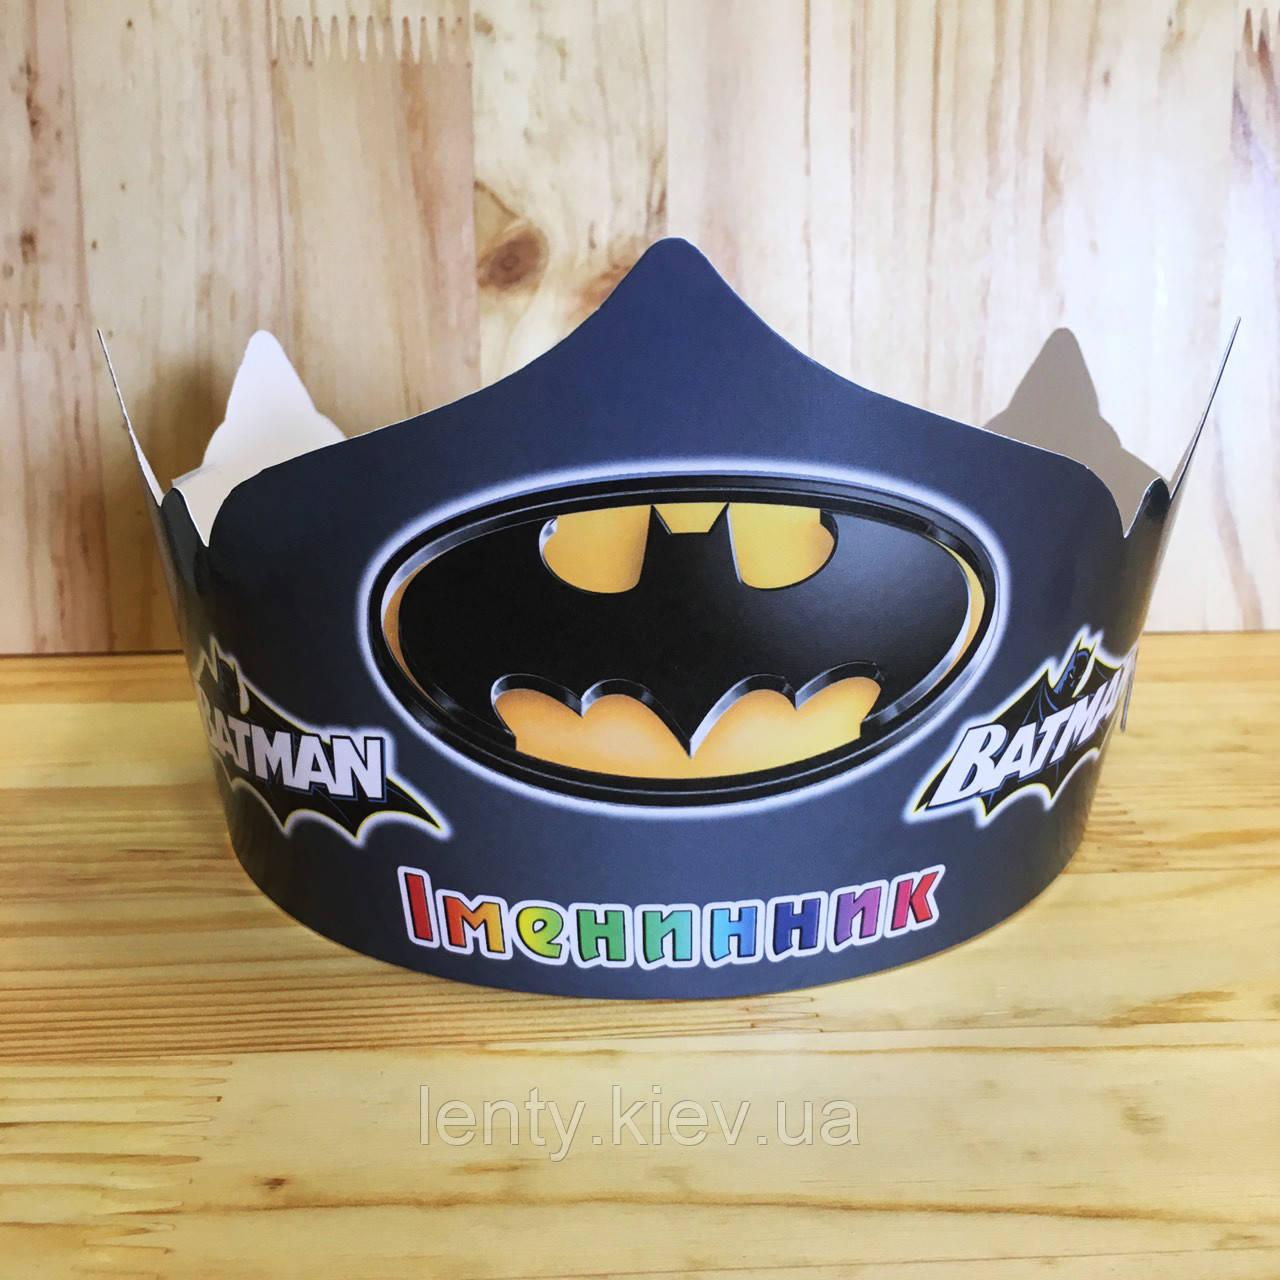 """Корона картонна тематичний дитячий """"Бетмен / Бетмен / Batman"""" (малотиражне видання)"""